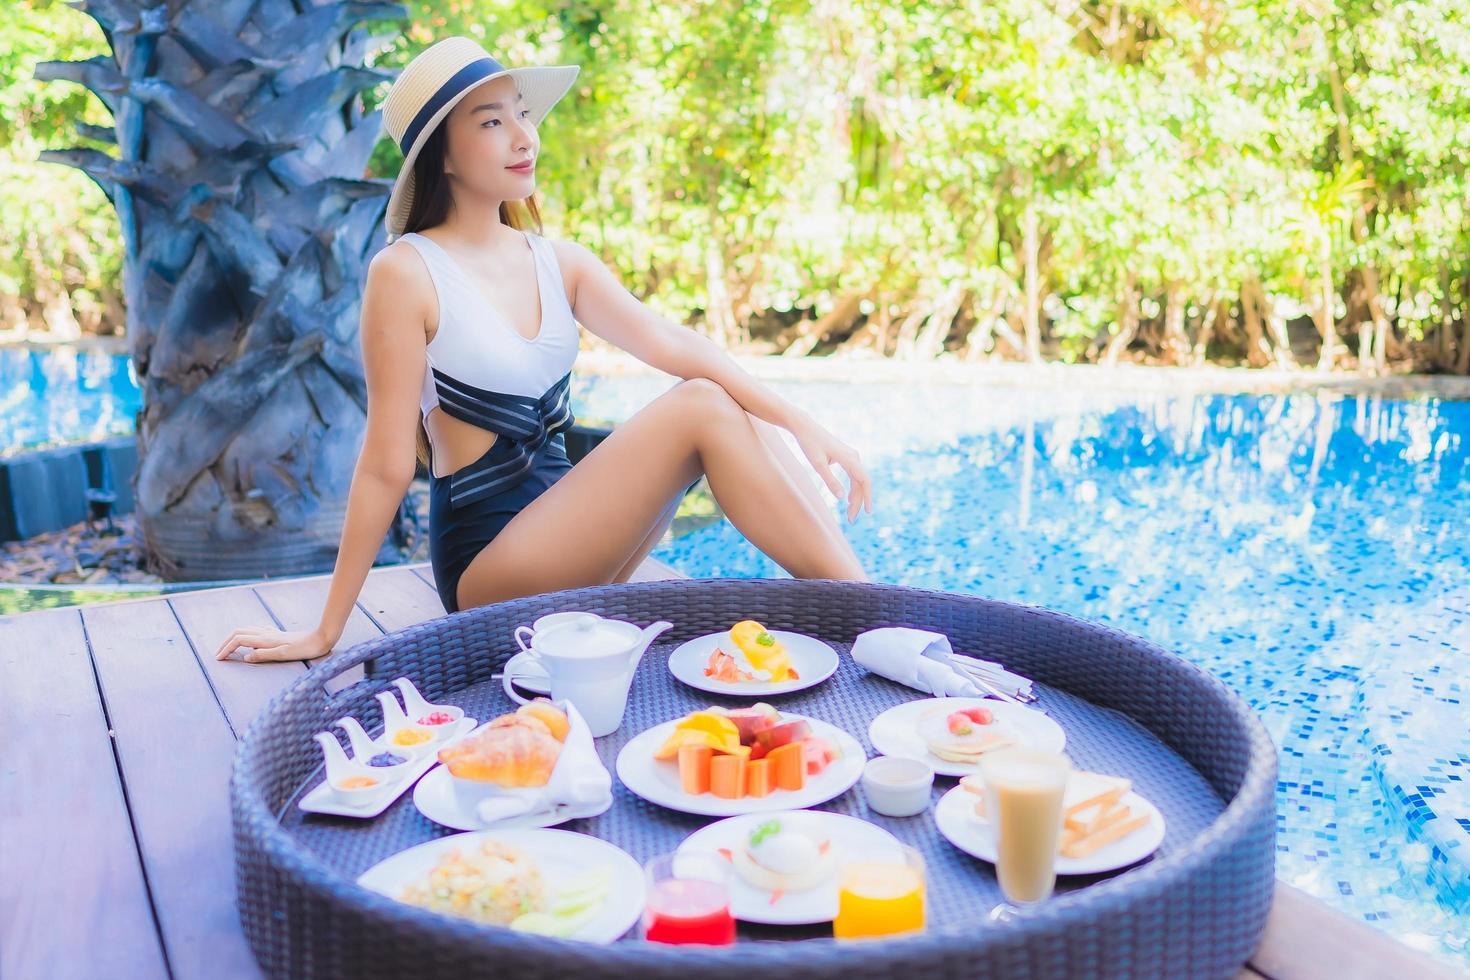 Frühstück auf schwimmendem Tablett mit lächelnder Frau im Hintergrund foto